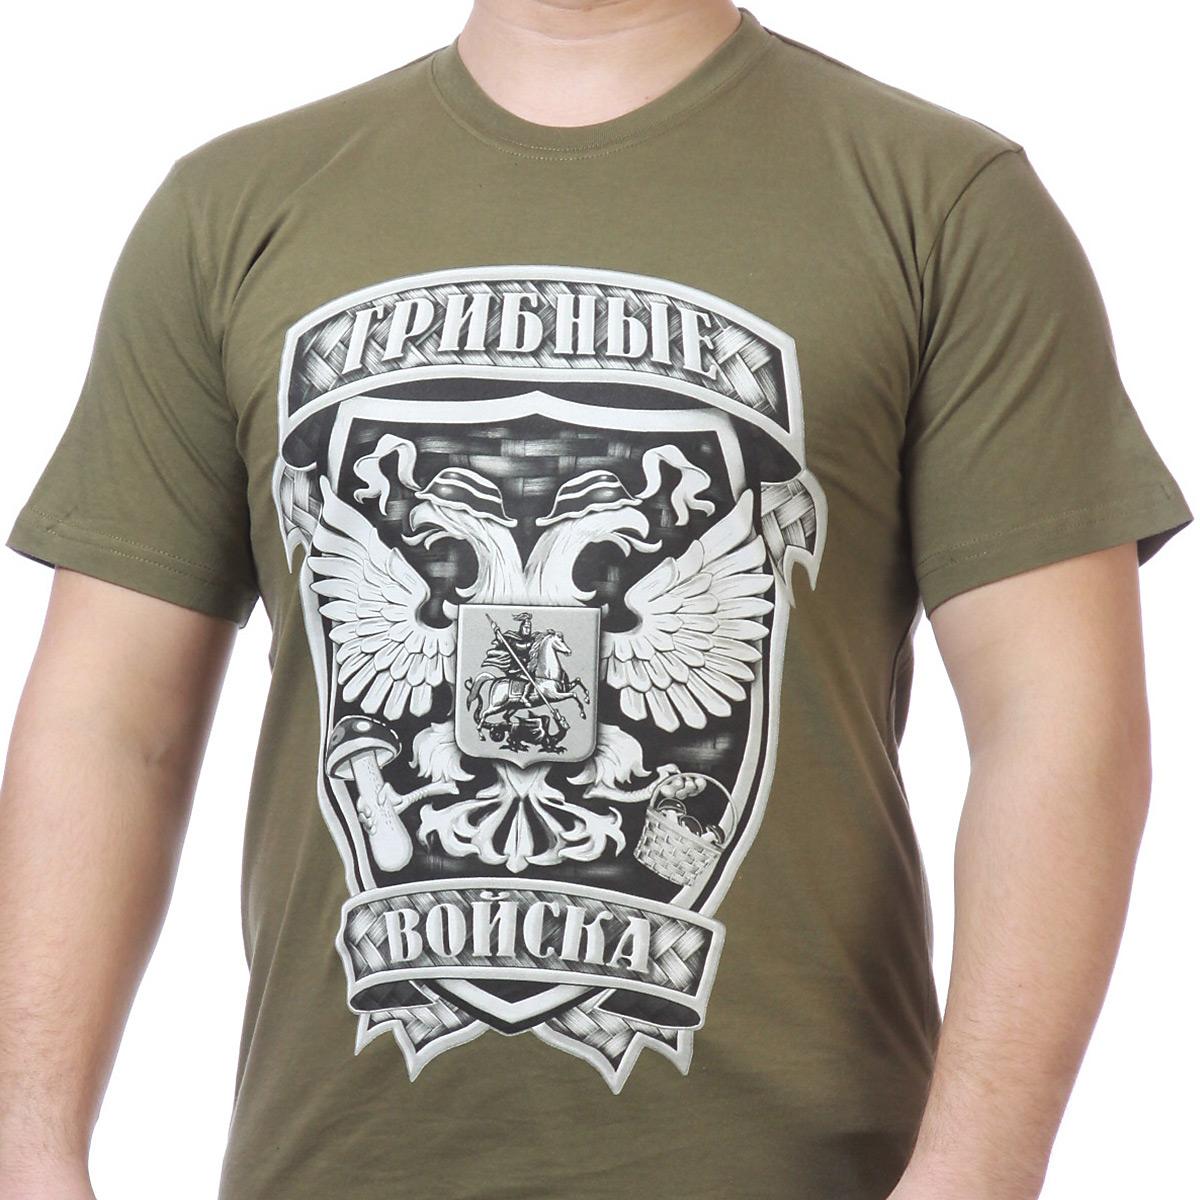 Заказать футболку Грибнику с доставкой в любой город